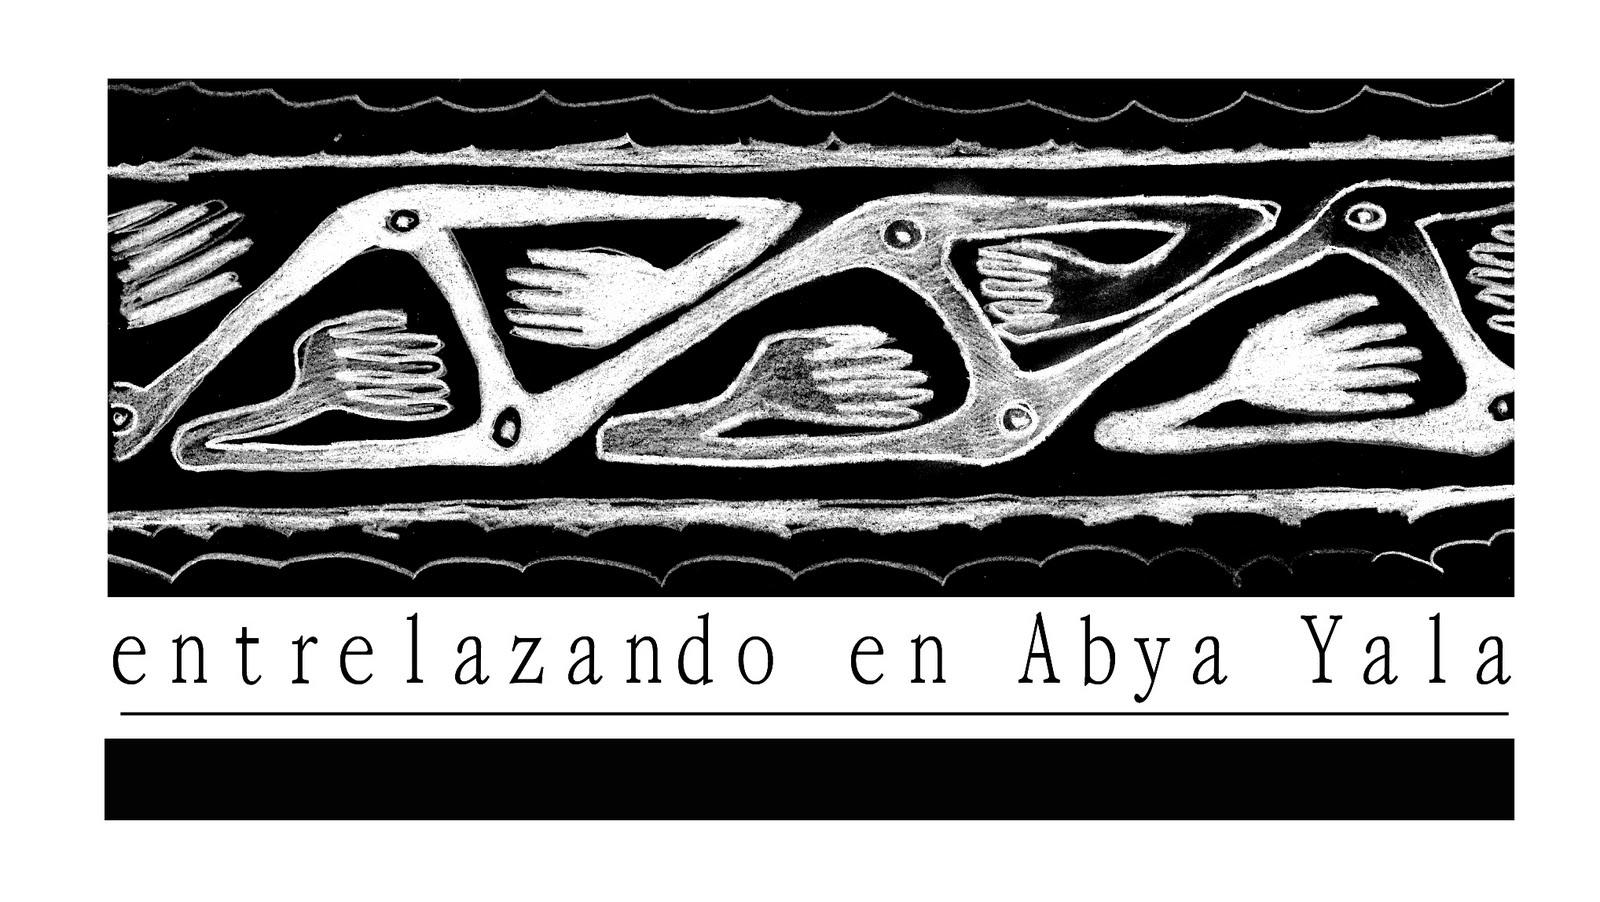 Entrelazando en Abya Yala